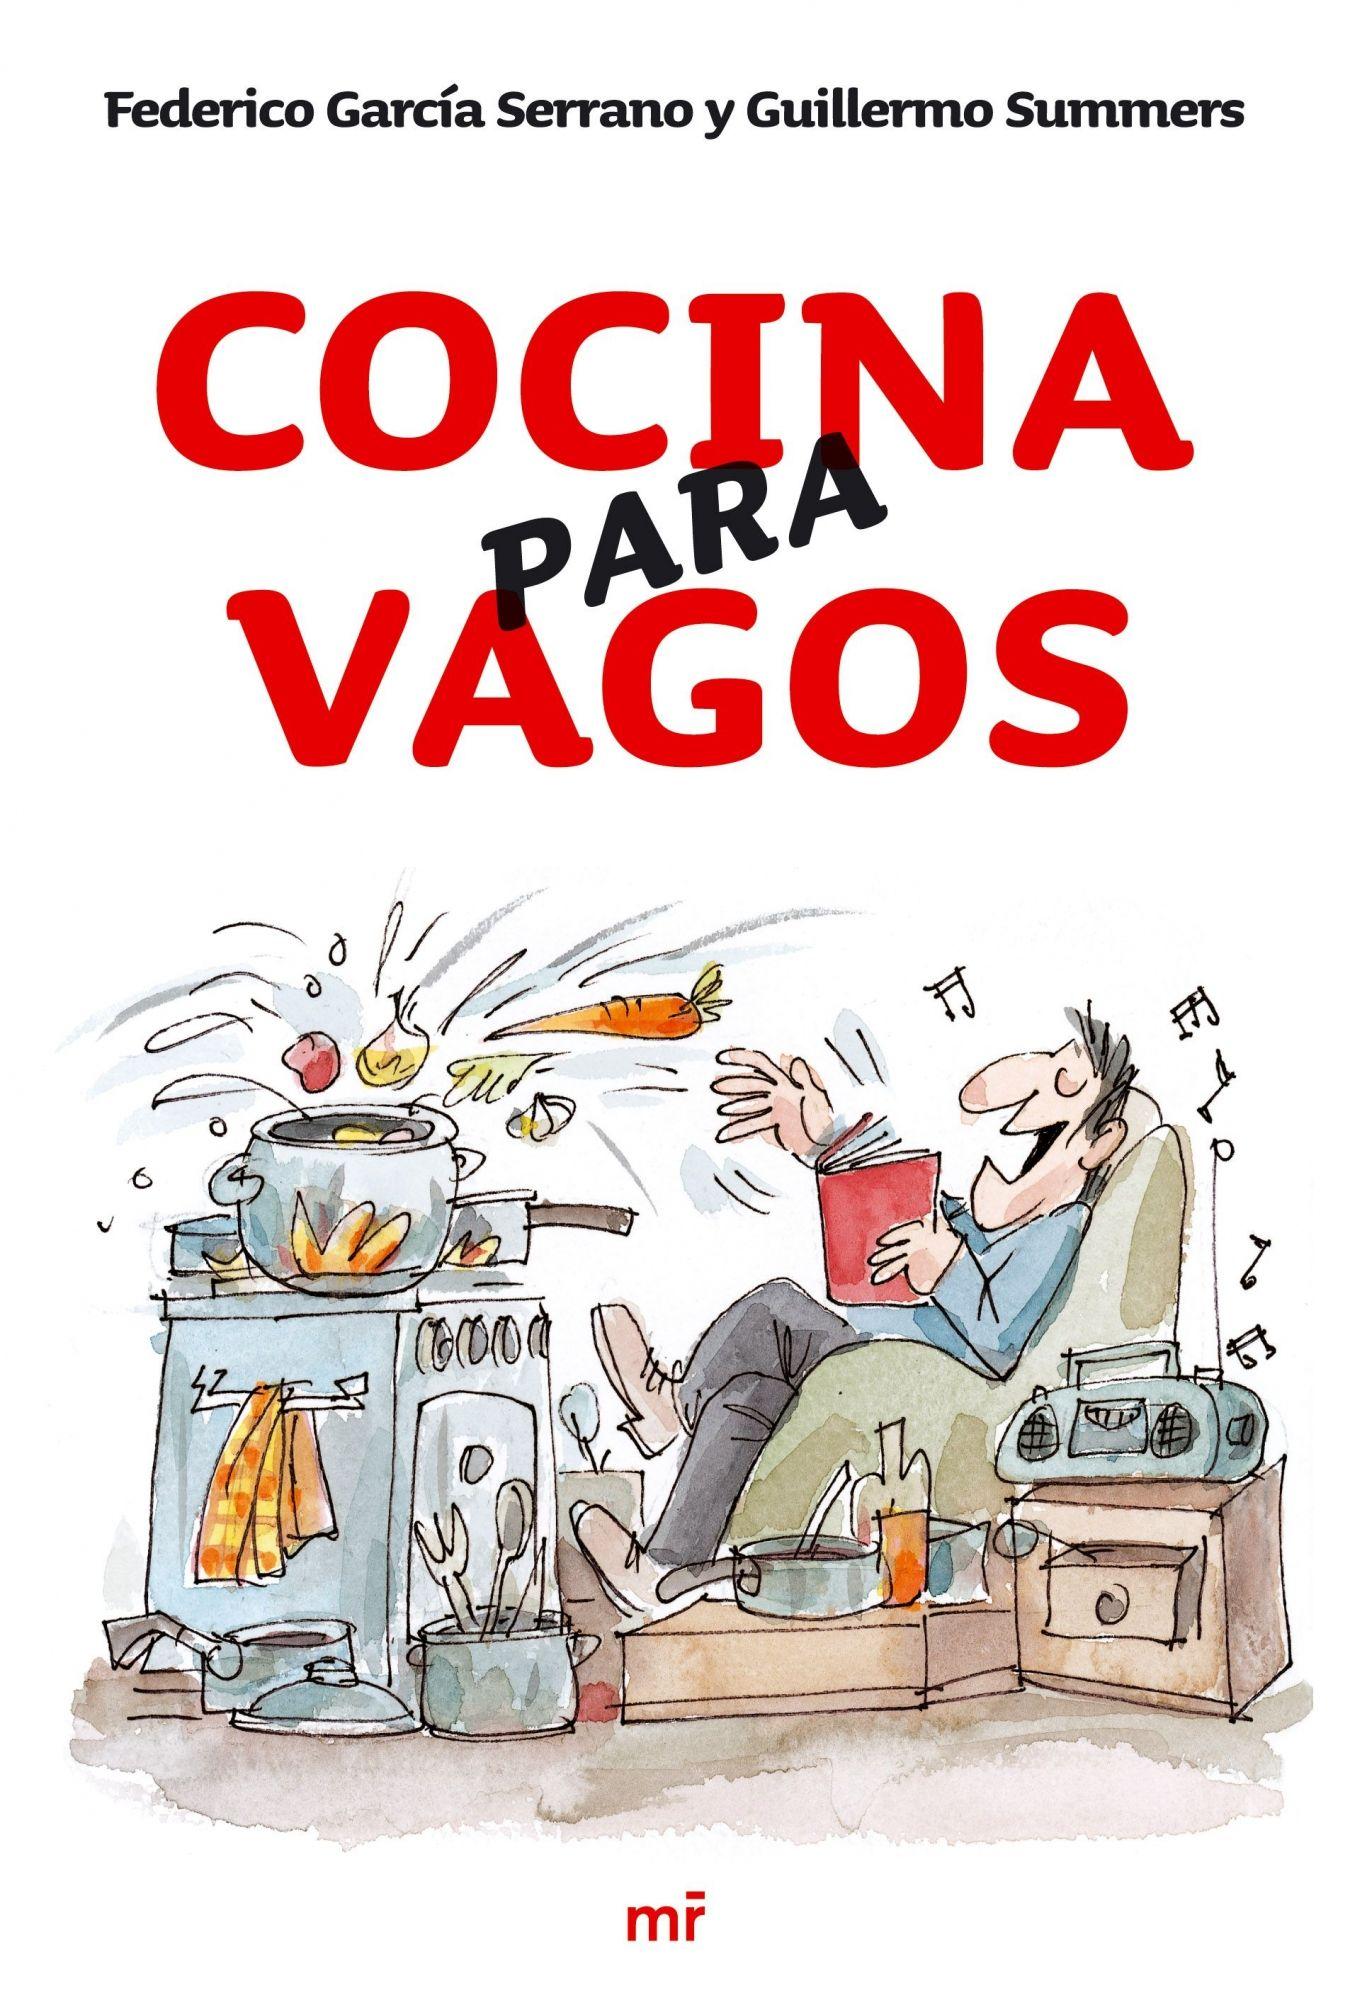 COCINA PARA VAGOS